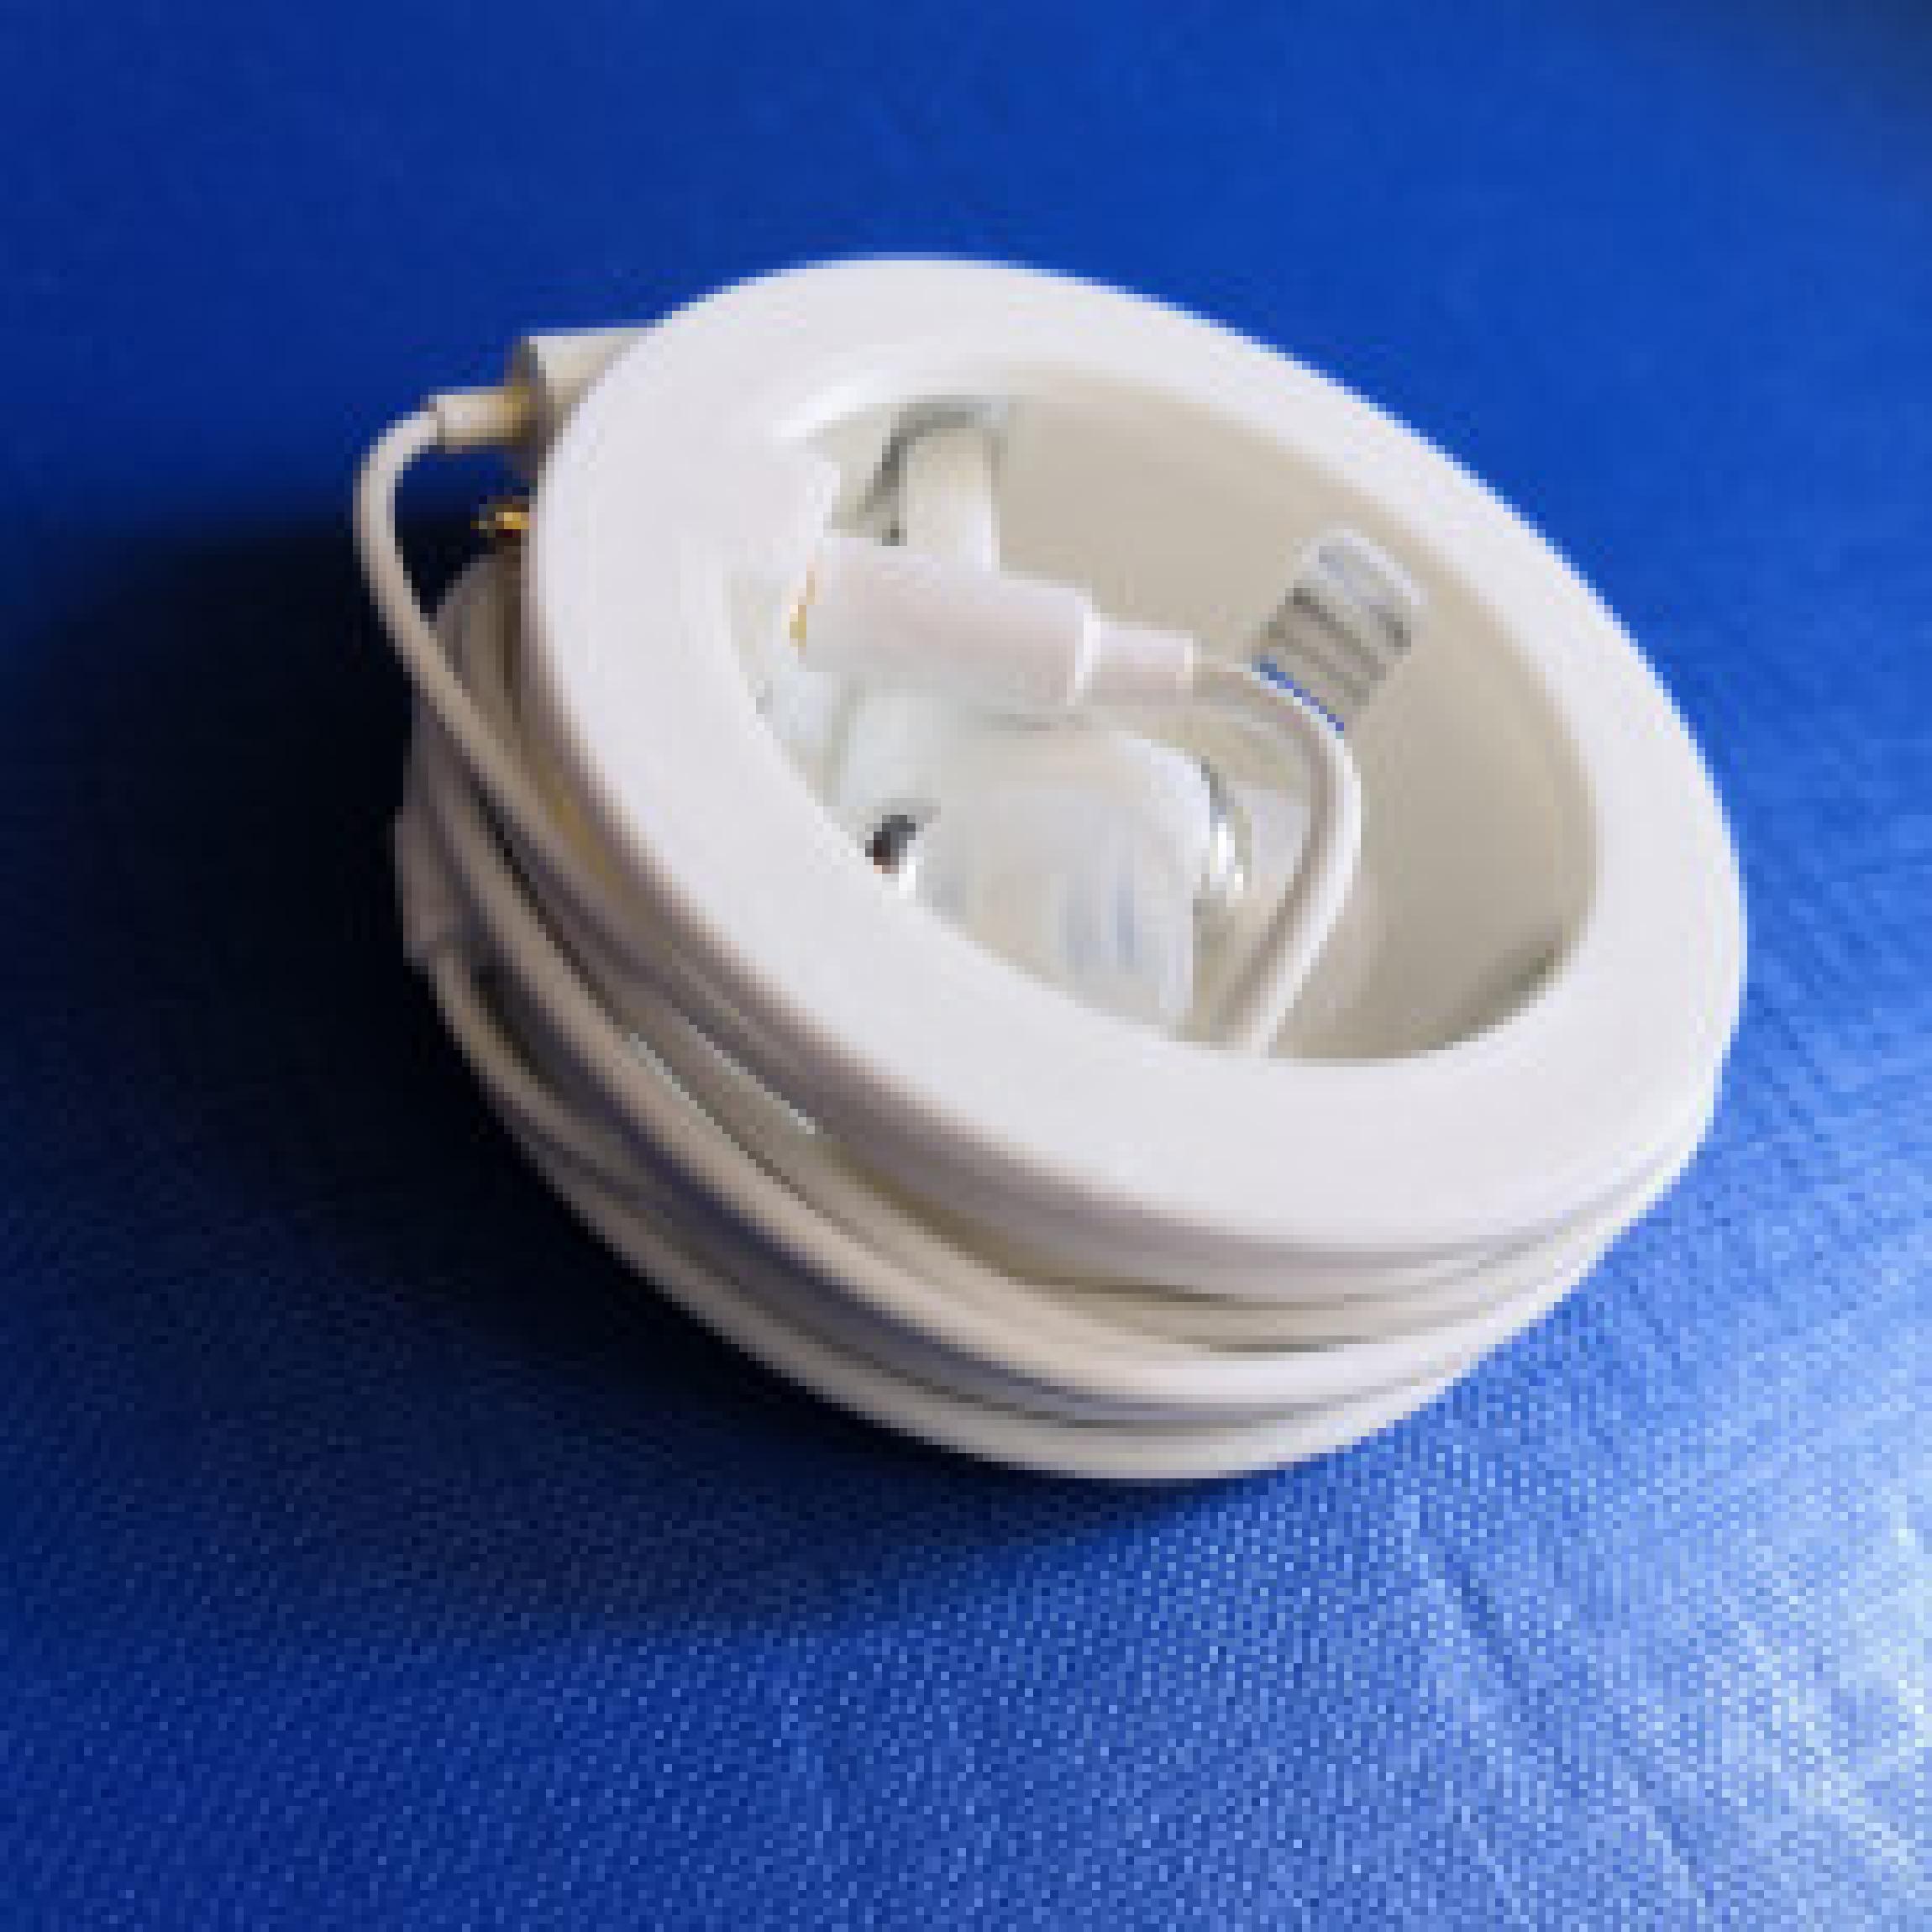 Kablolu Kulaklık Taşıma Kutusu Pratik